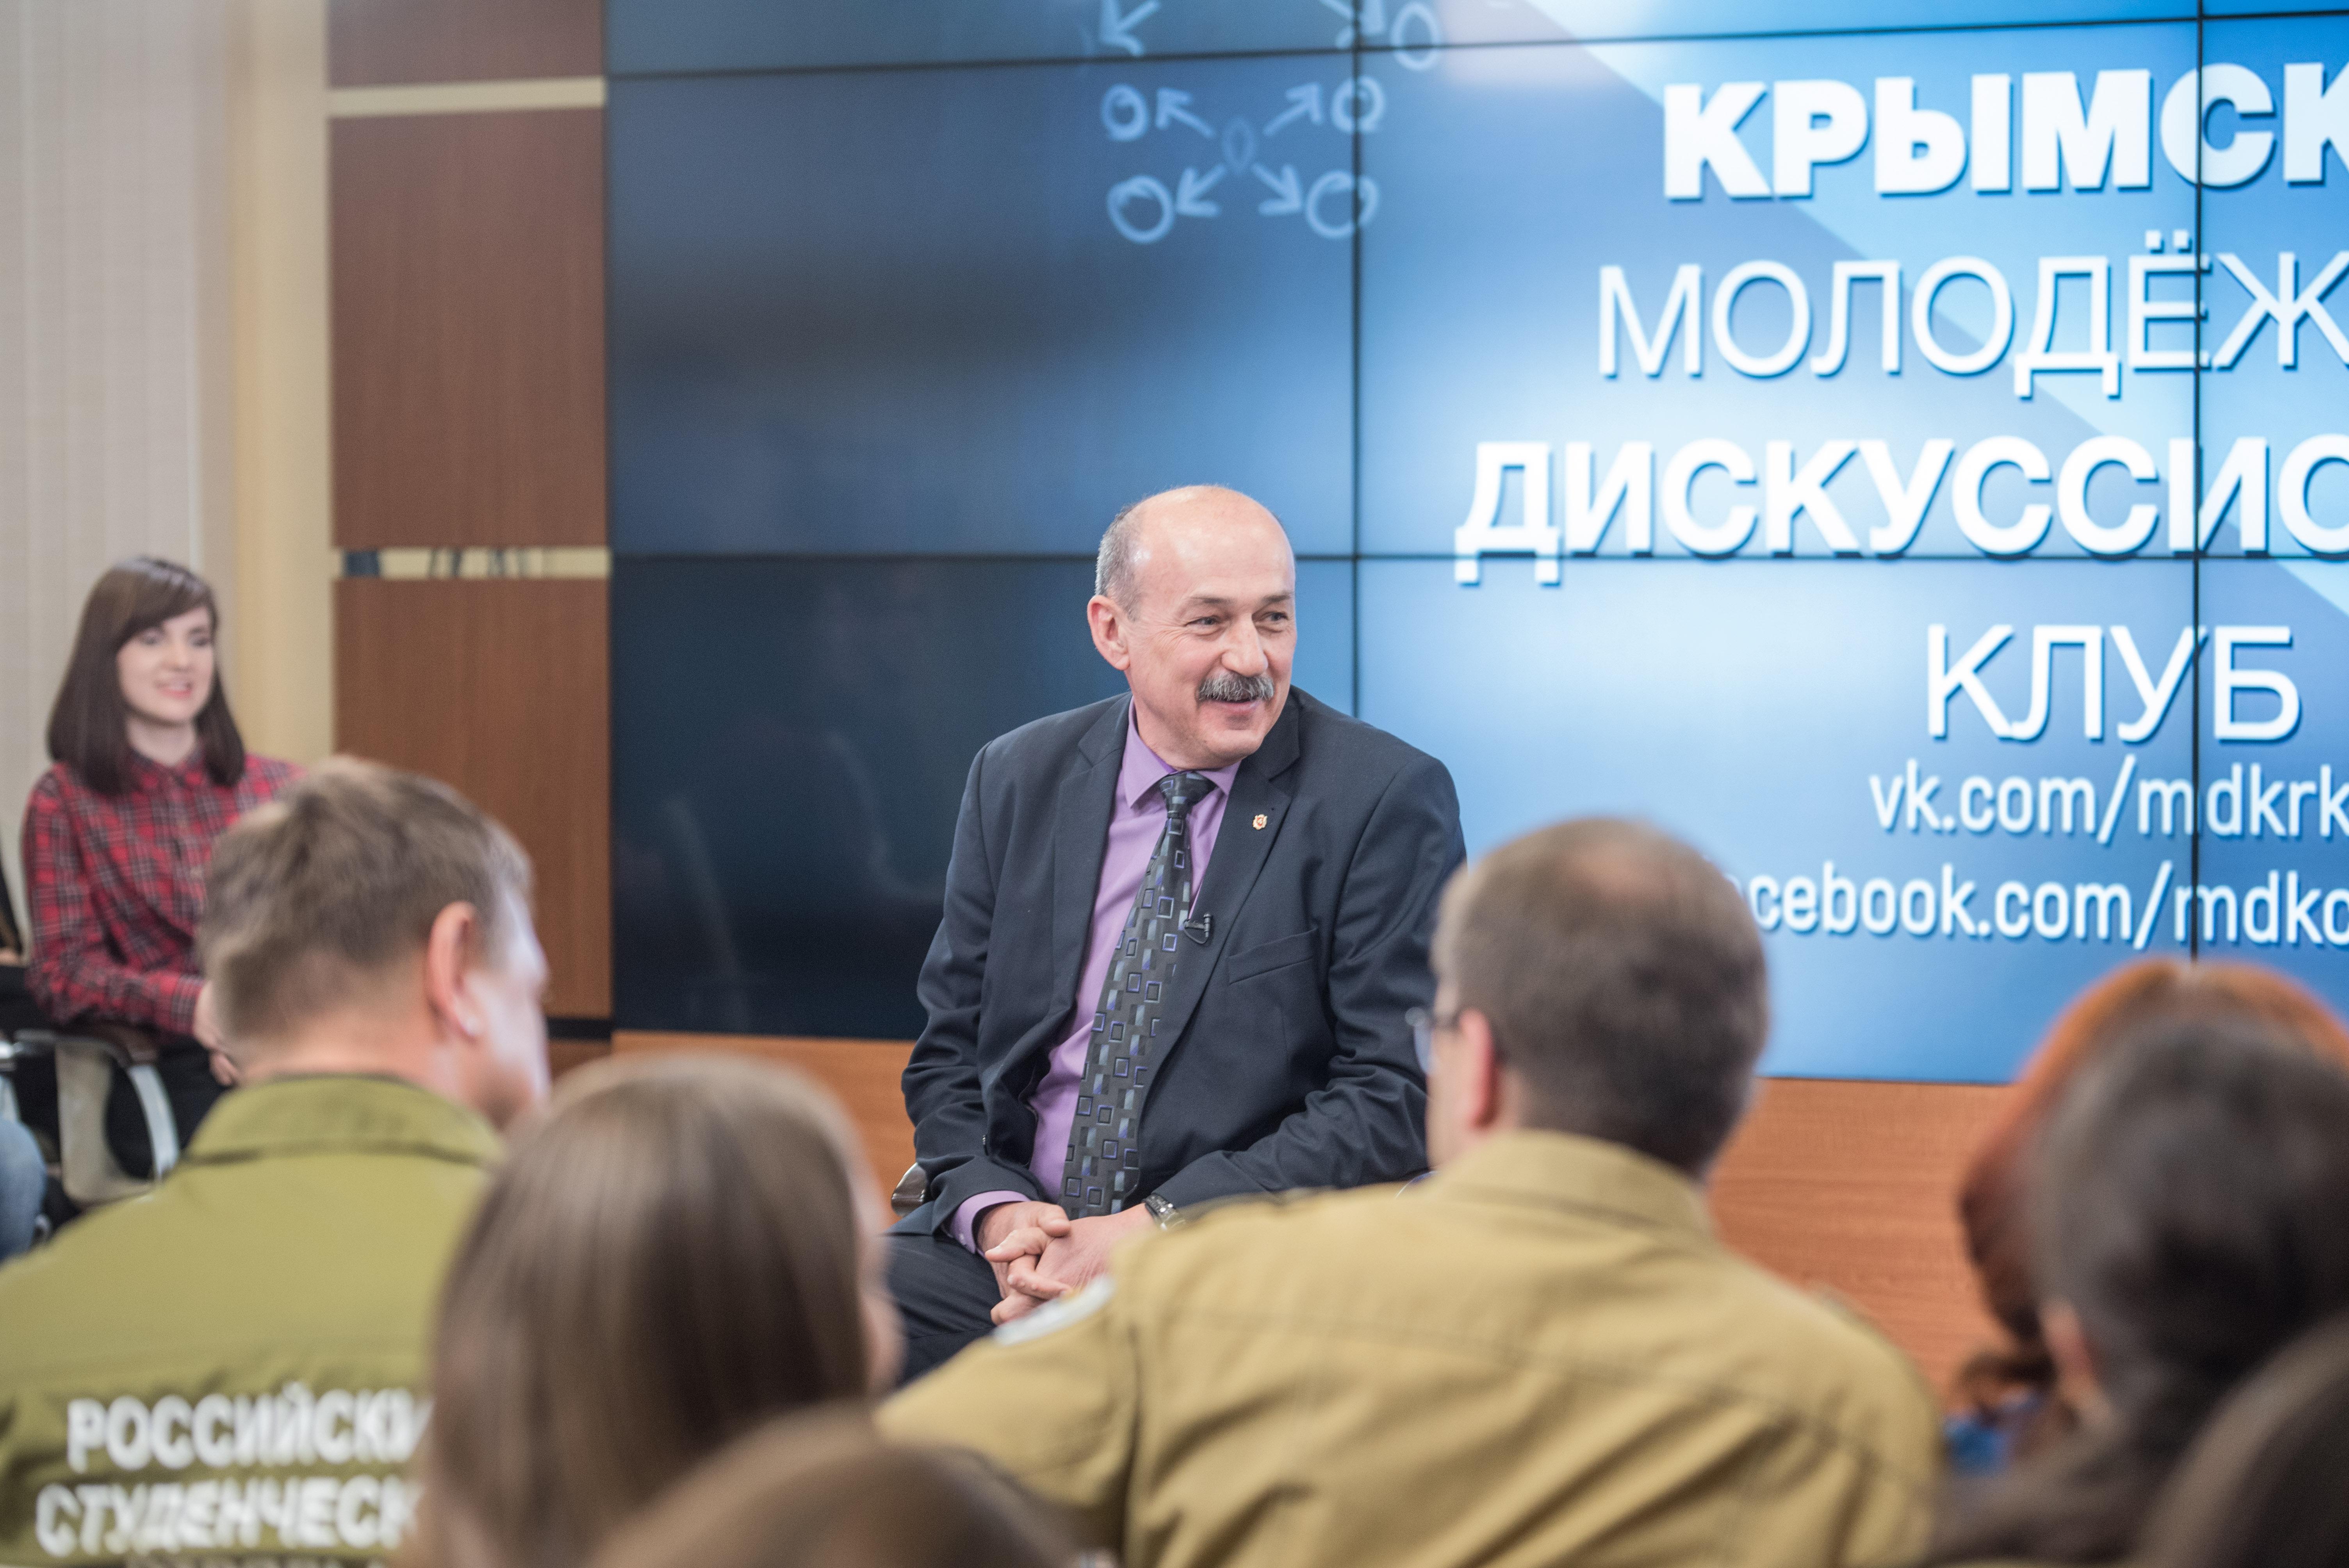 Проведение молодежных фестивалей в Крыму будет способствовать развитию молодежного туризма